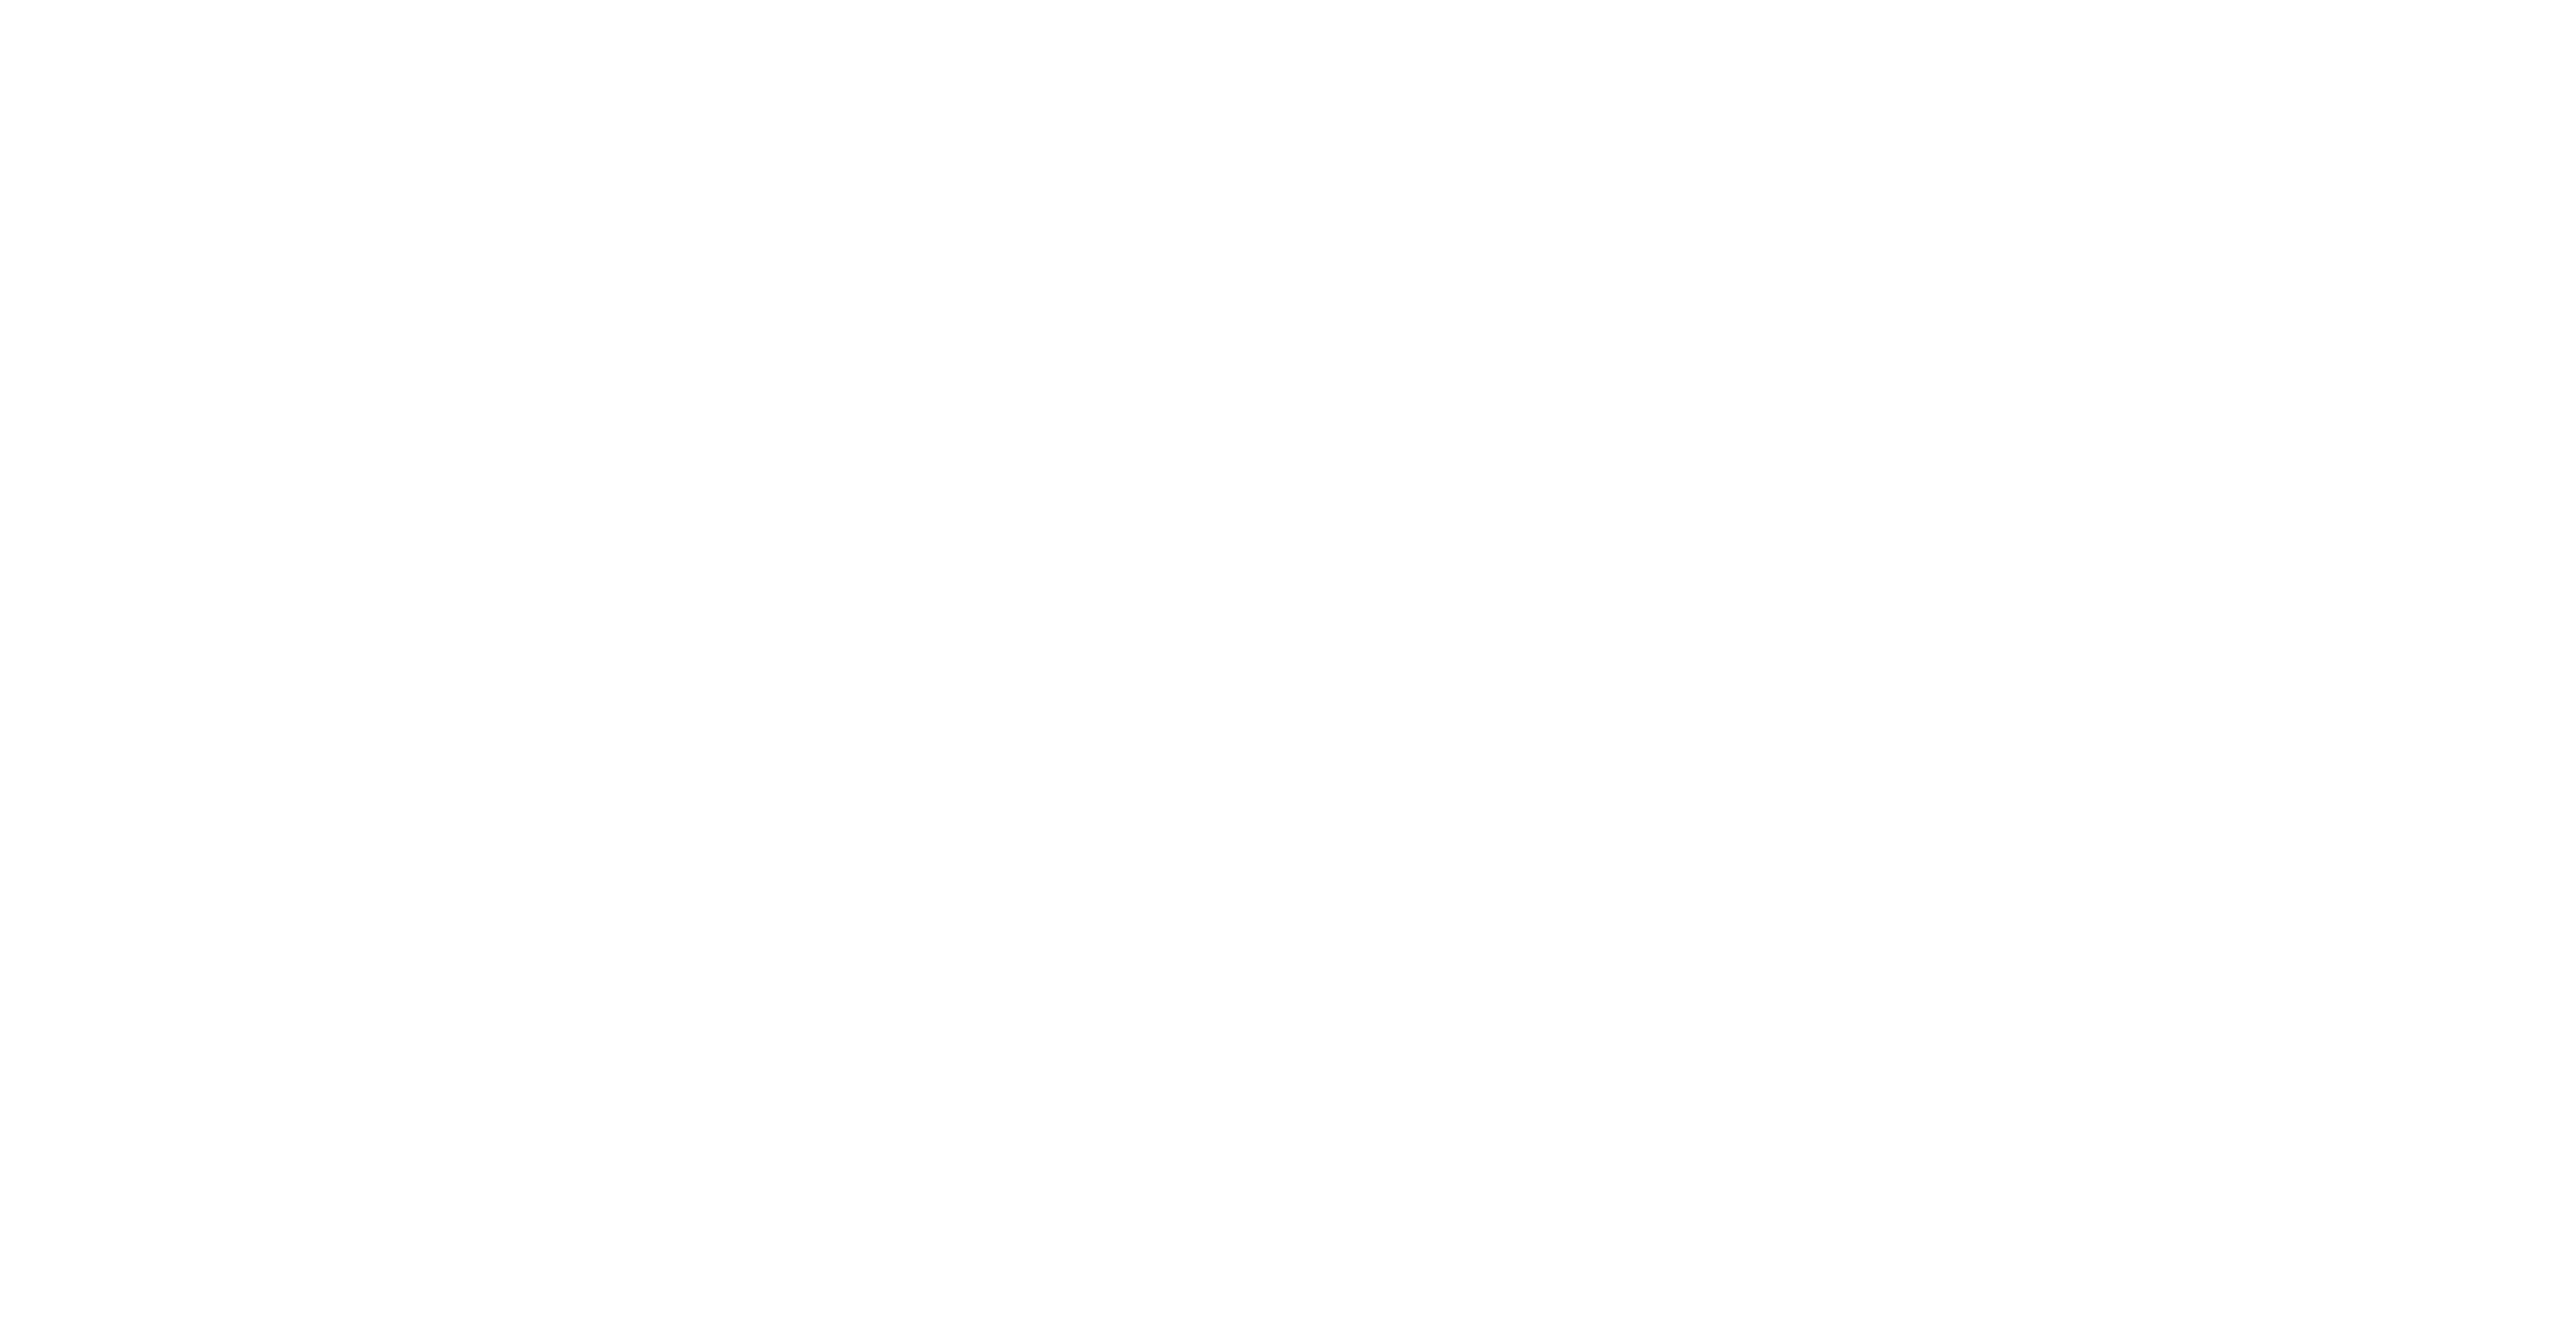 atelier.91